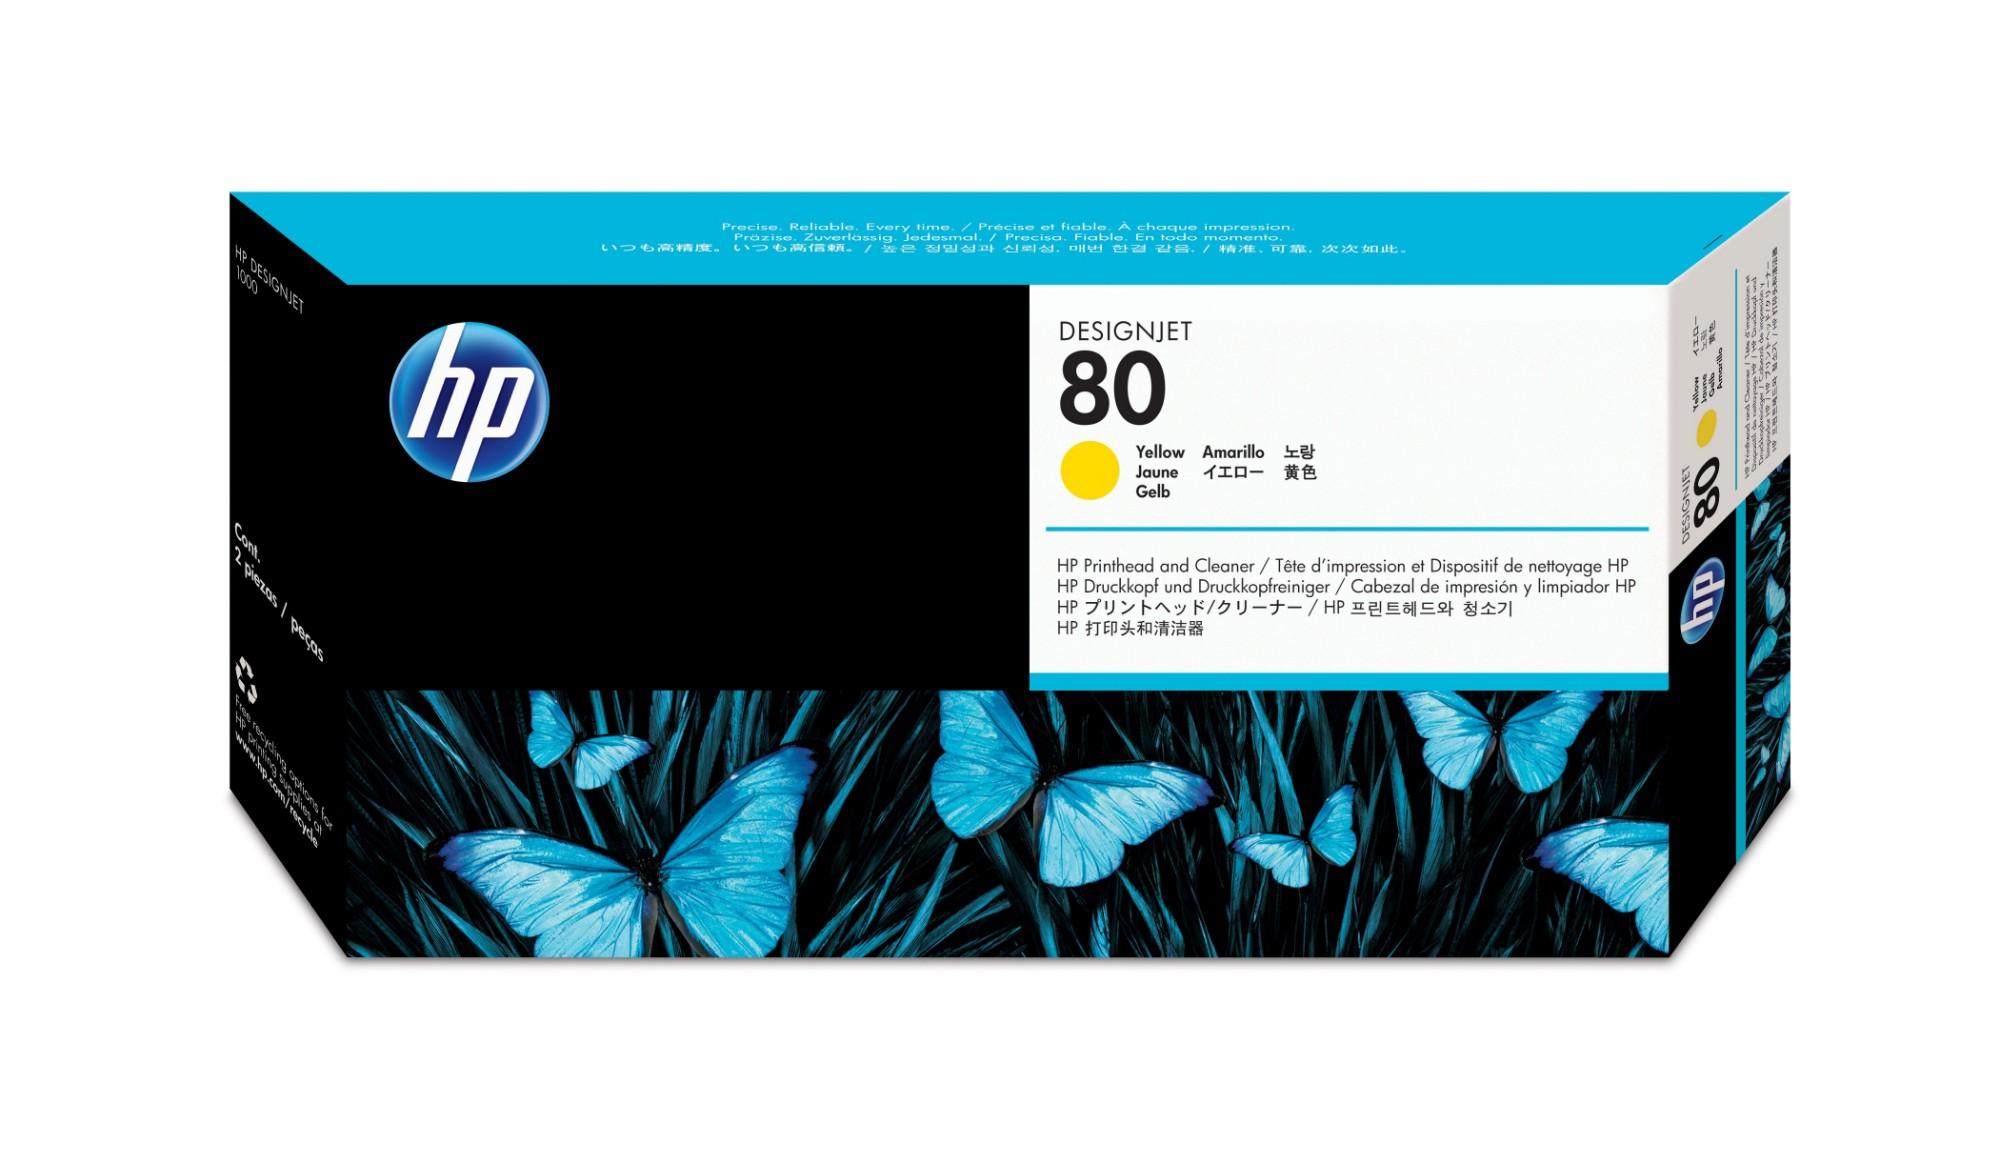 HP Limpiador de cabezales de impresión y cabezal de impresión DesignJet 80 amarillo